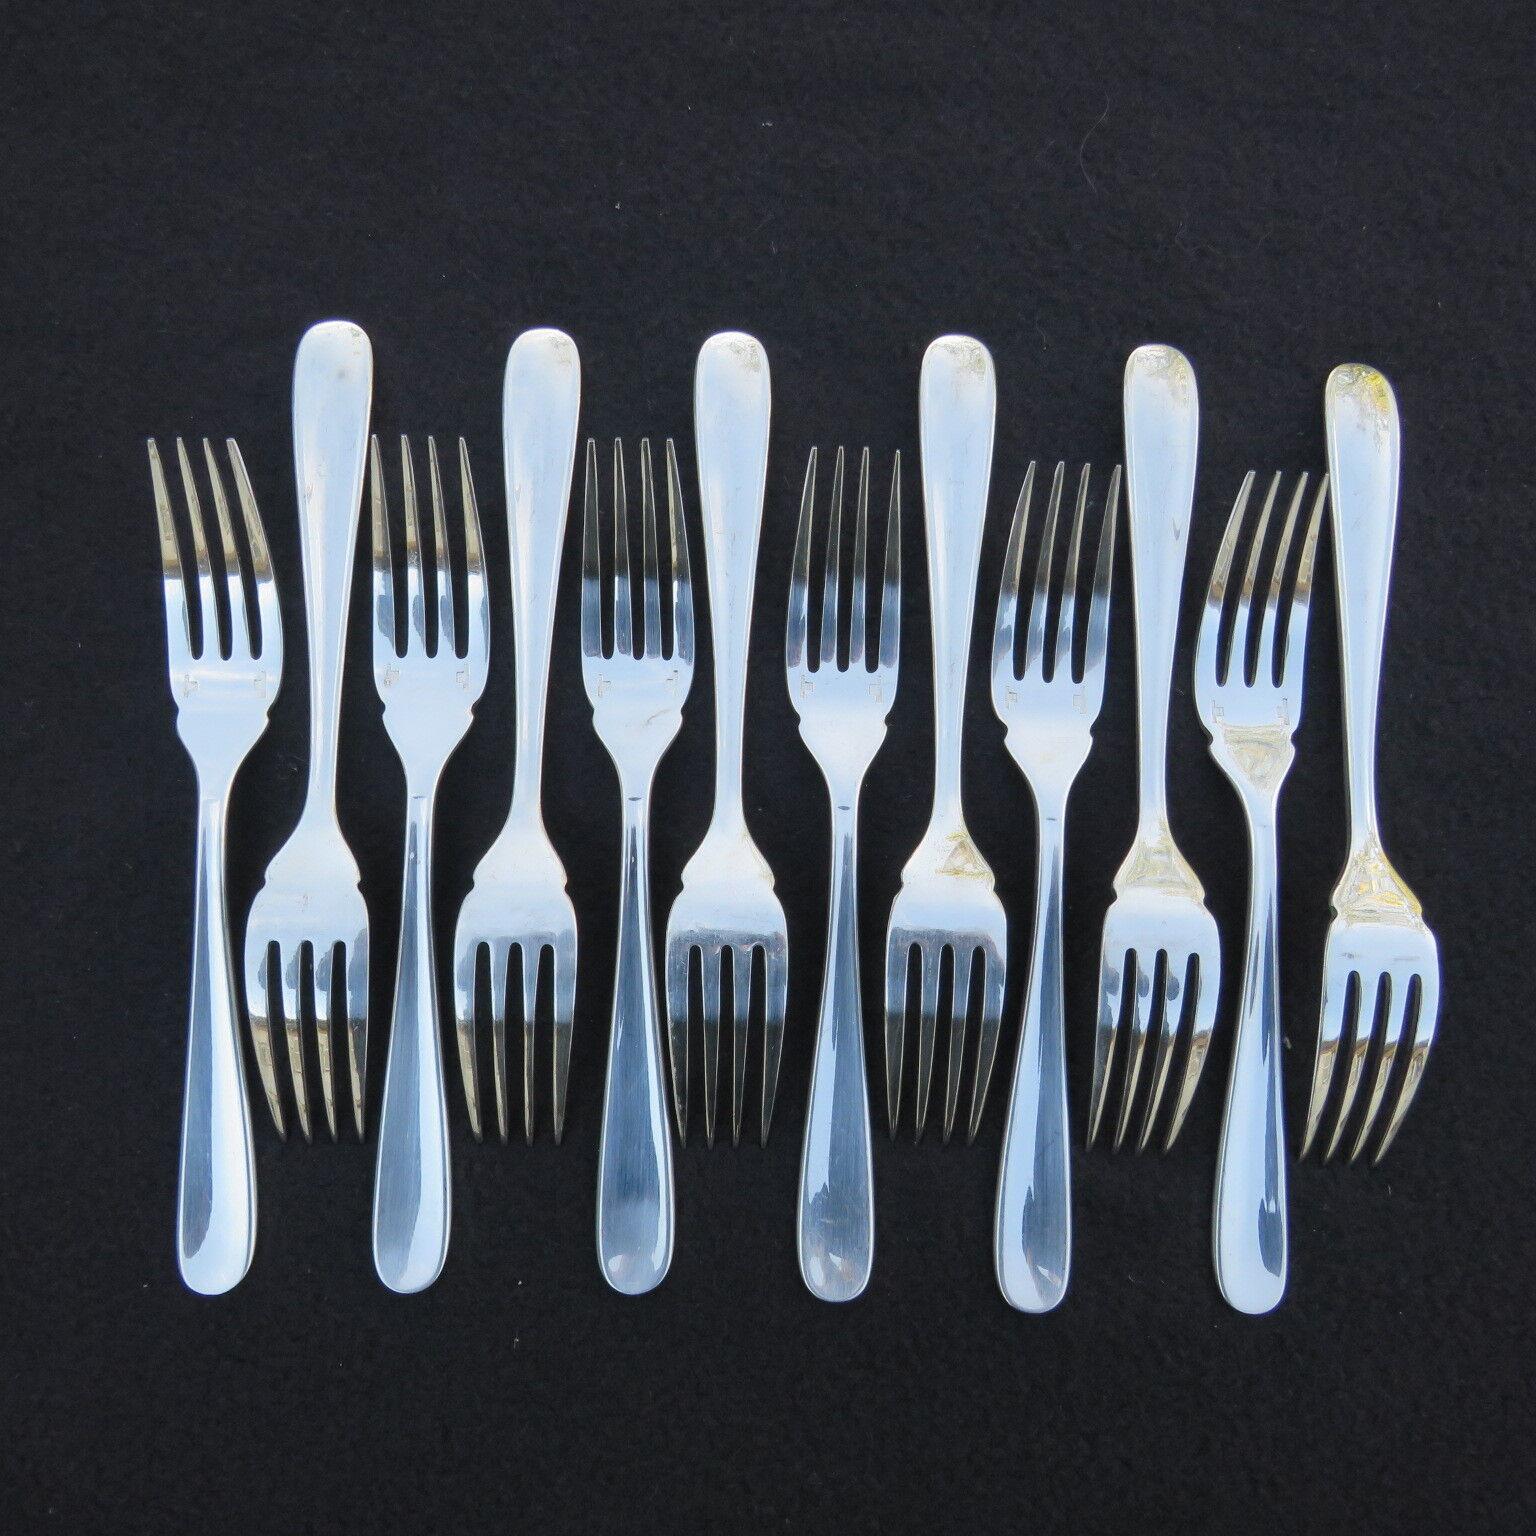 CHRISTOFLE 12 fourchettes à poisson en métal  argenté modèle dax